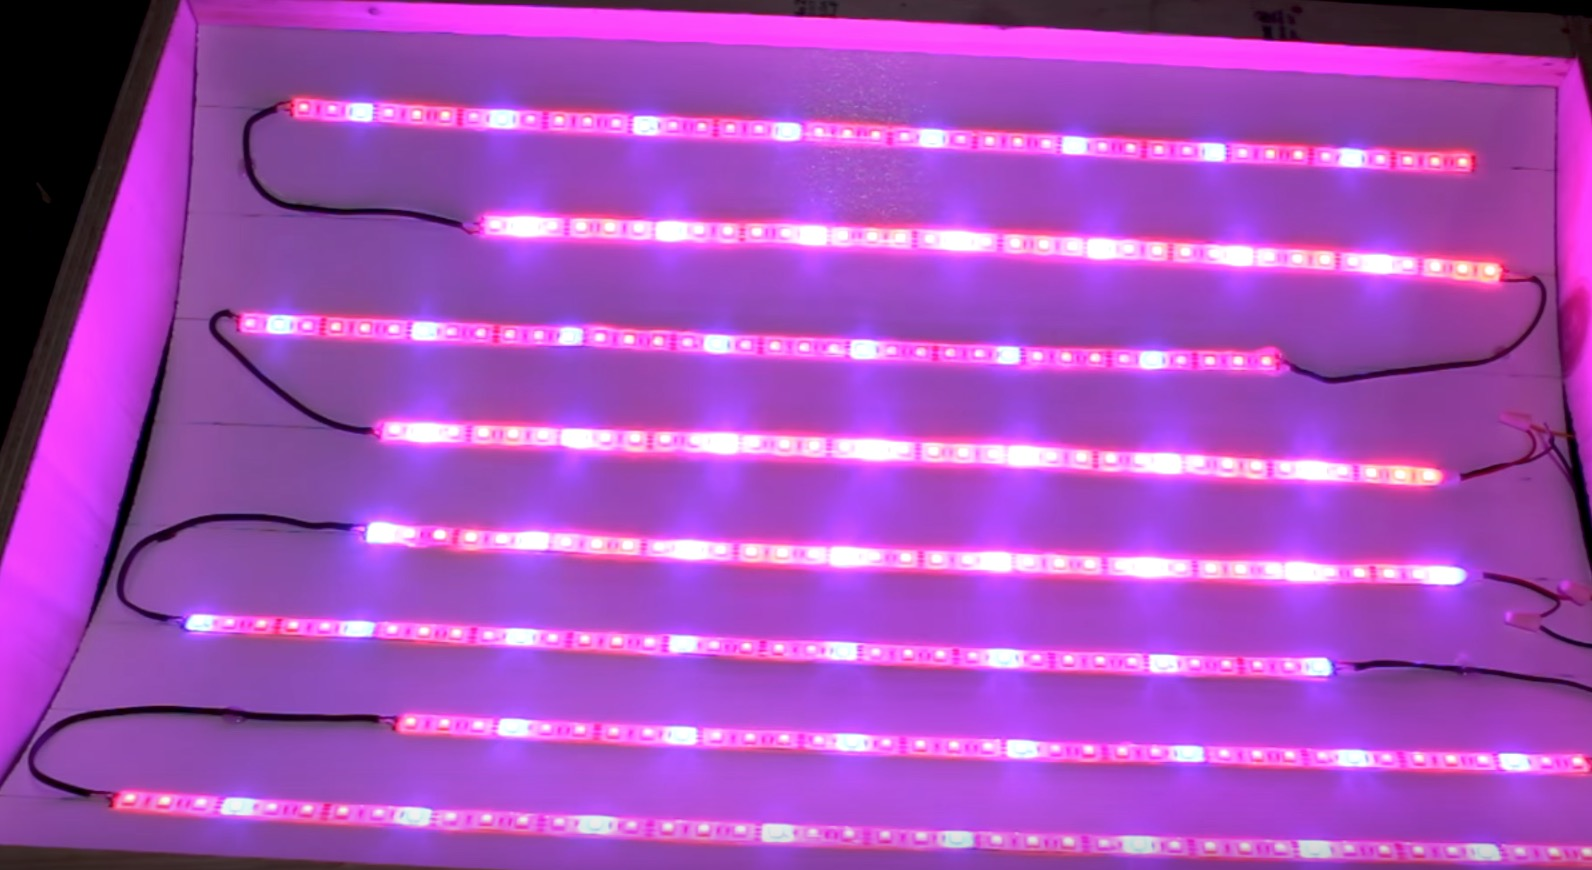 maak je eigen led kweeklamp voor weinig cnnbsnl